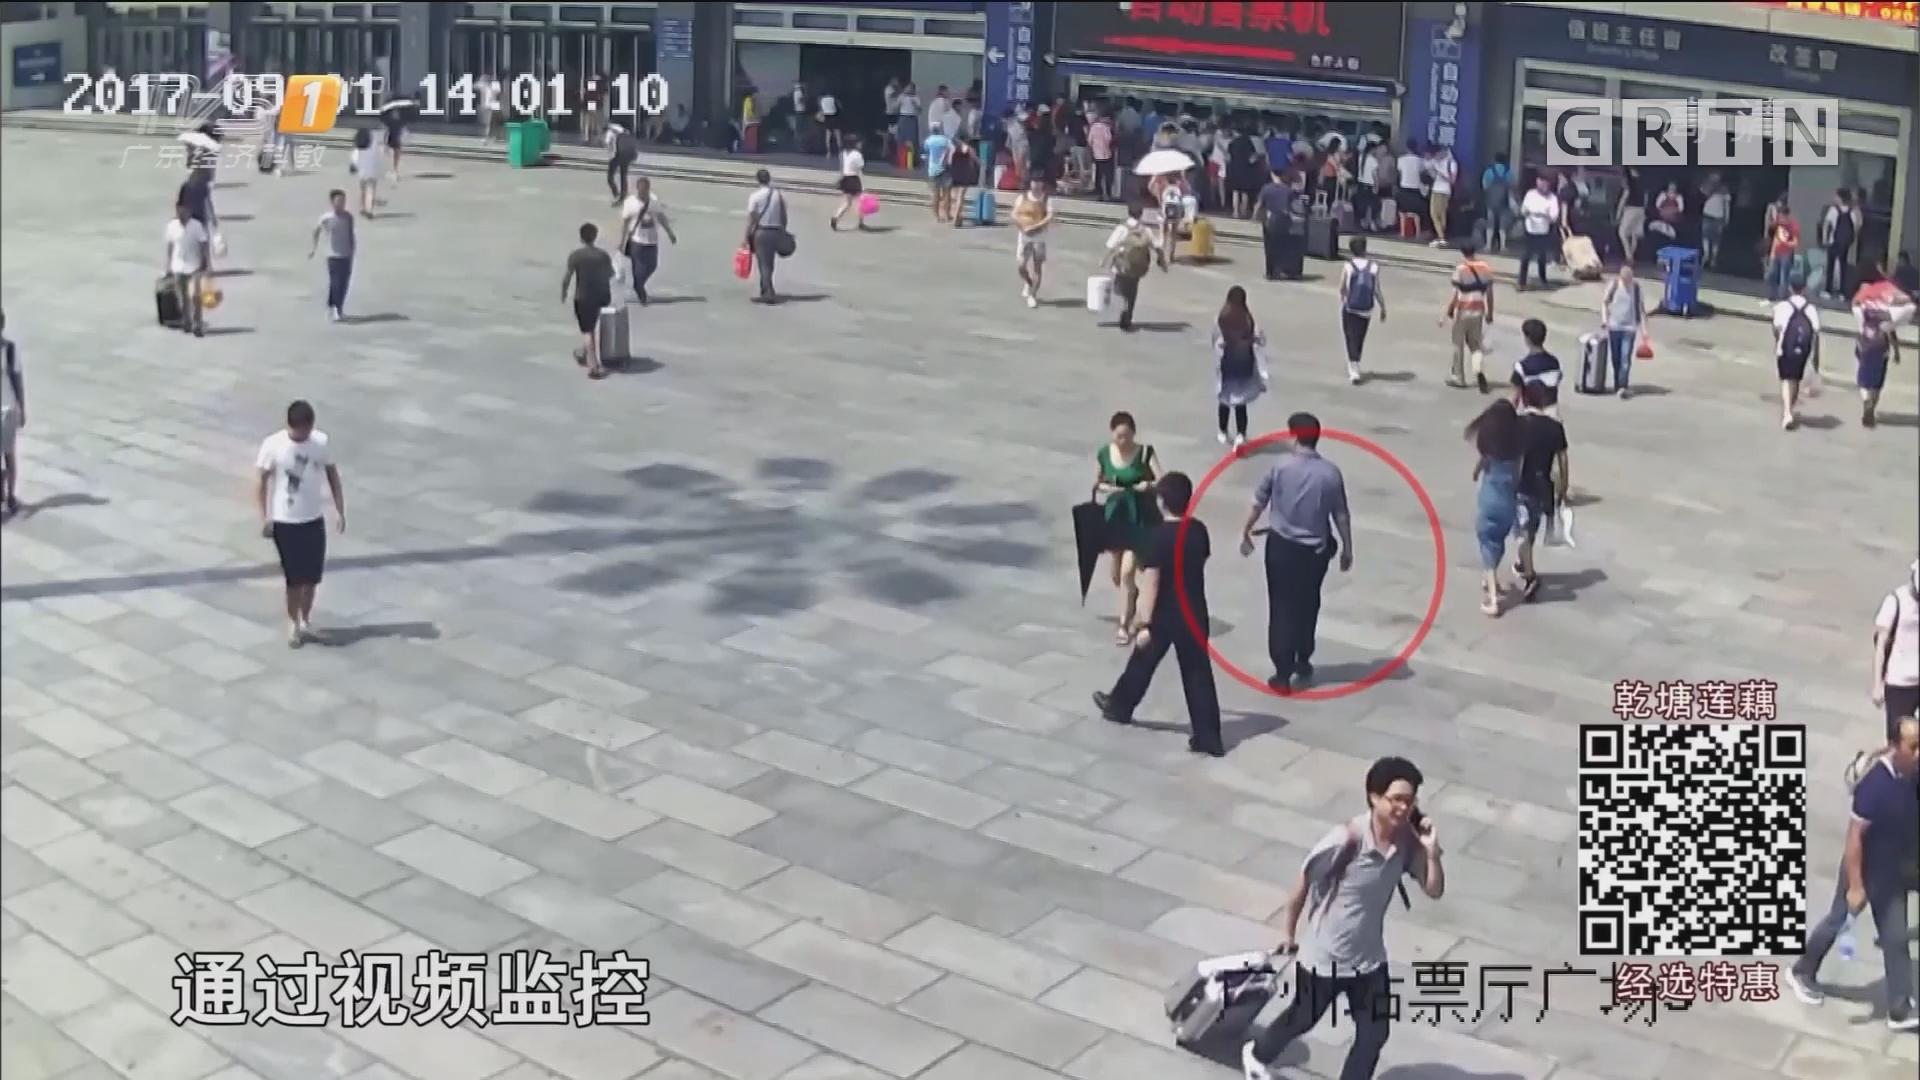 广州:男子收好处费30元插队取票被拘5天